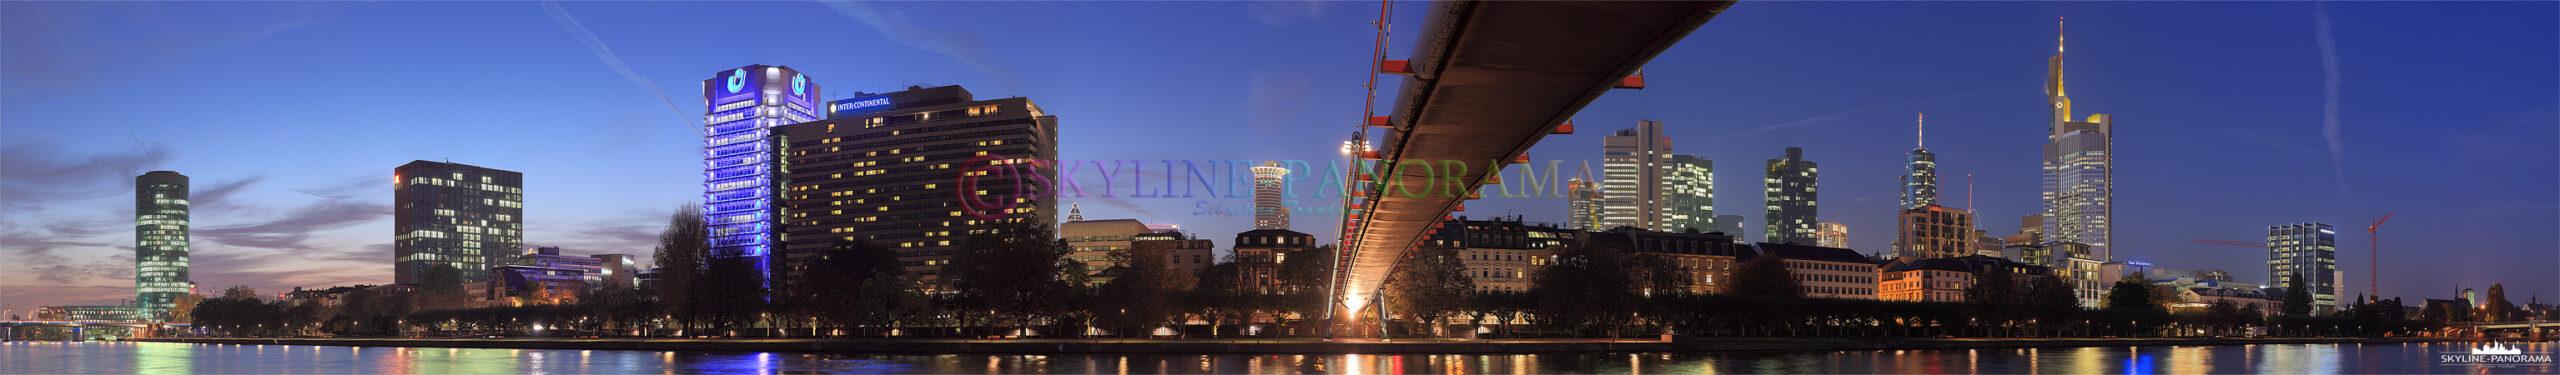 Die Skyline der internationalen Bankenstadt Frankfurt vom abendlichen Mainufer aus gesehen, der Blick zur Blauen Stunde geht unter dem Holbeinsteg ...